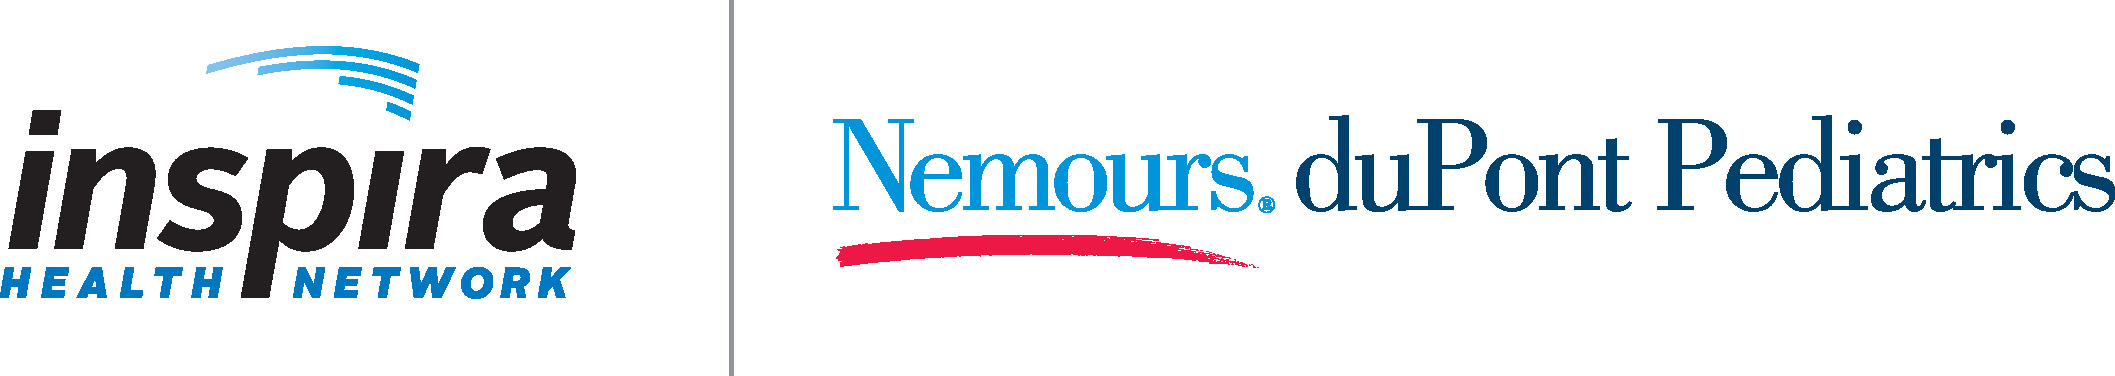 Inspira_Nemours